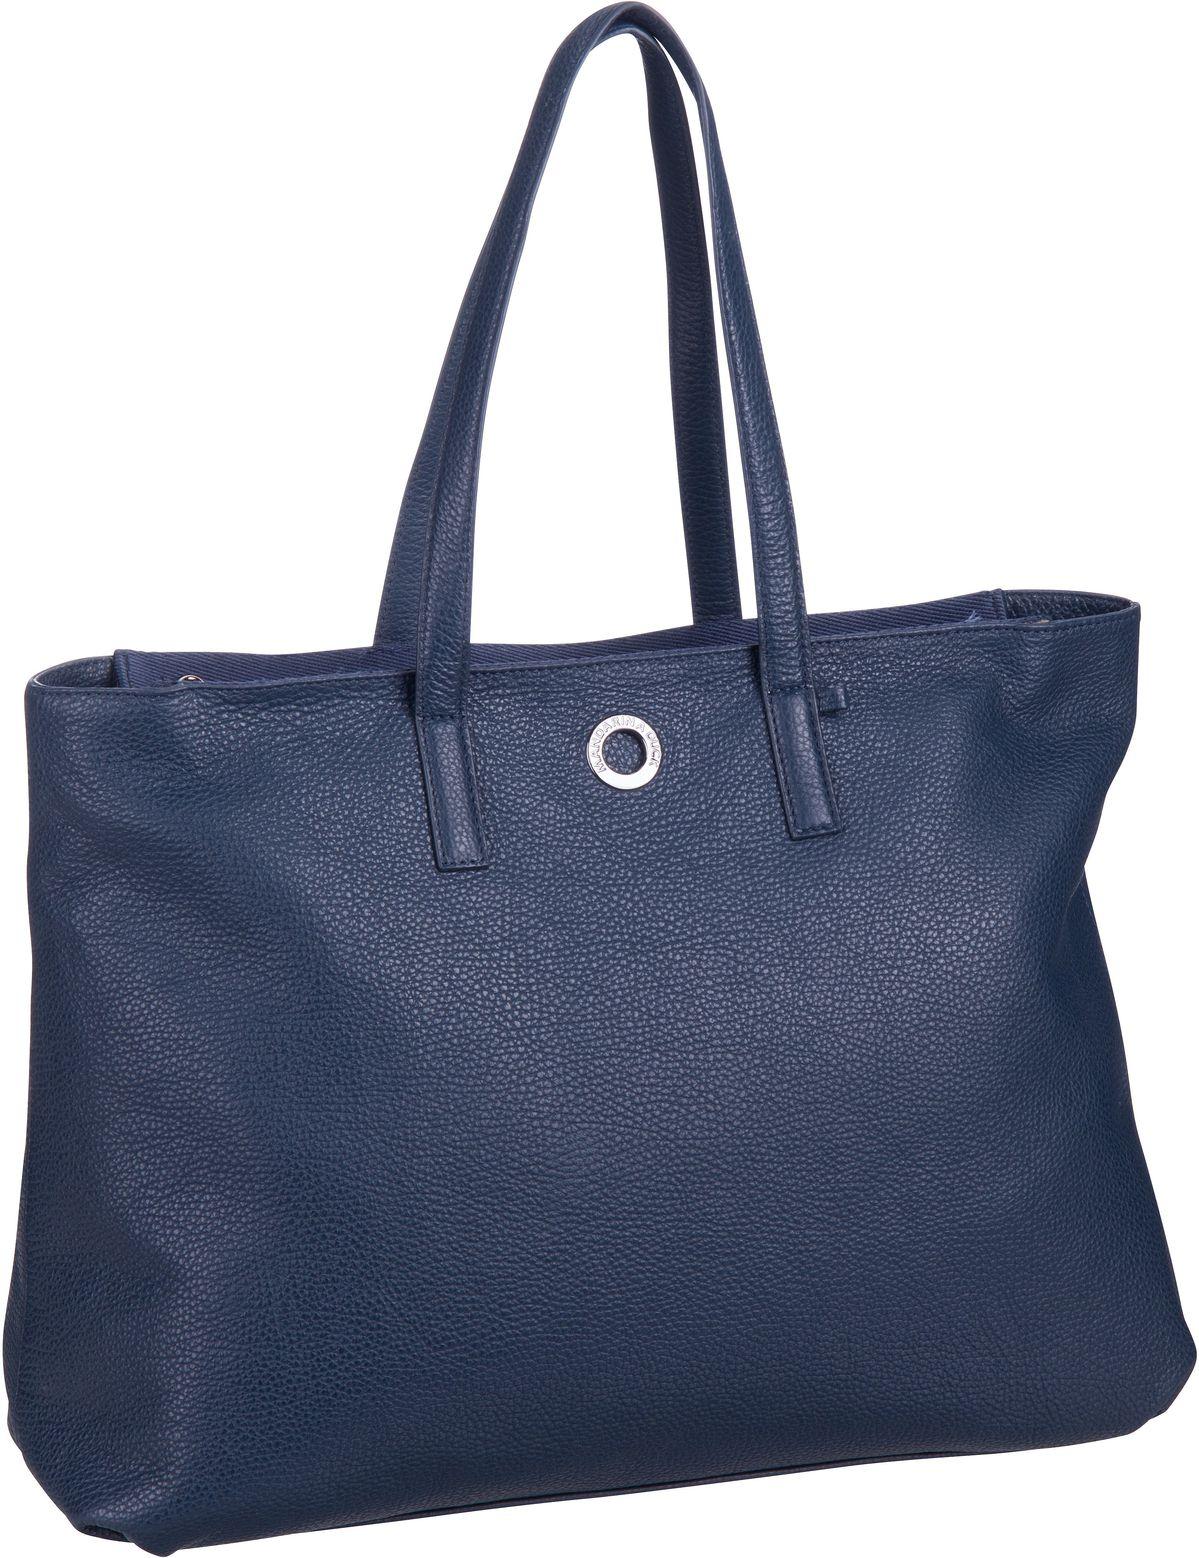 Handtasche Mellow Leather Shopping Bag FZT27 Dress Blue